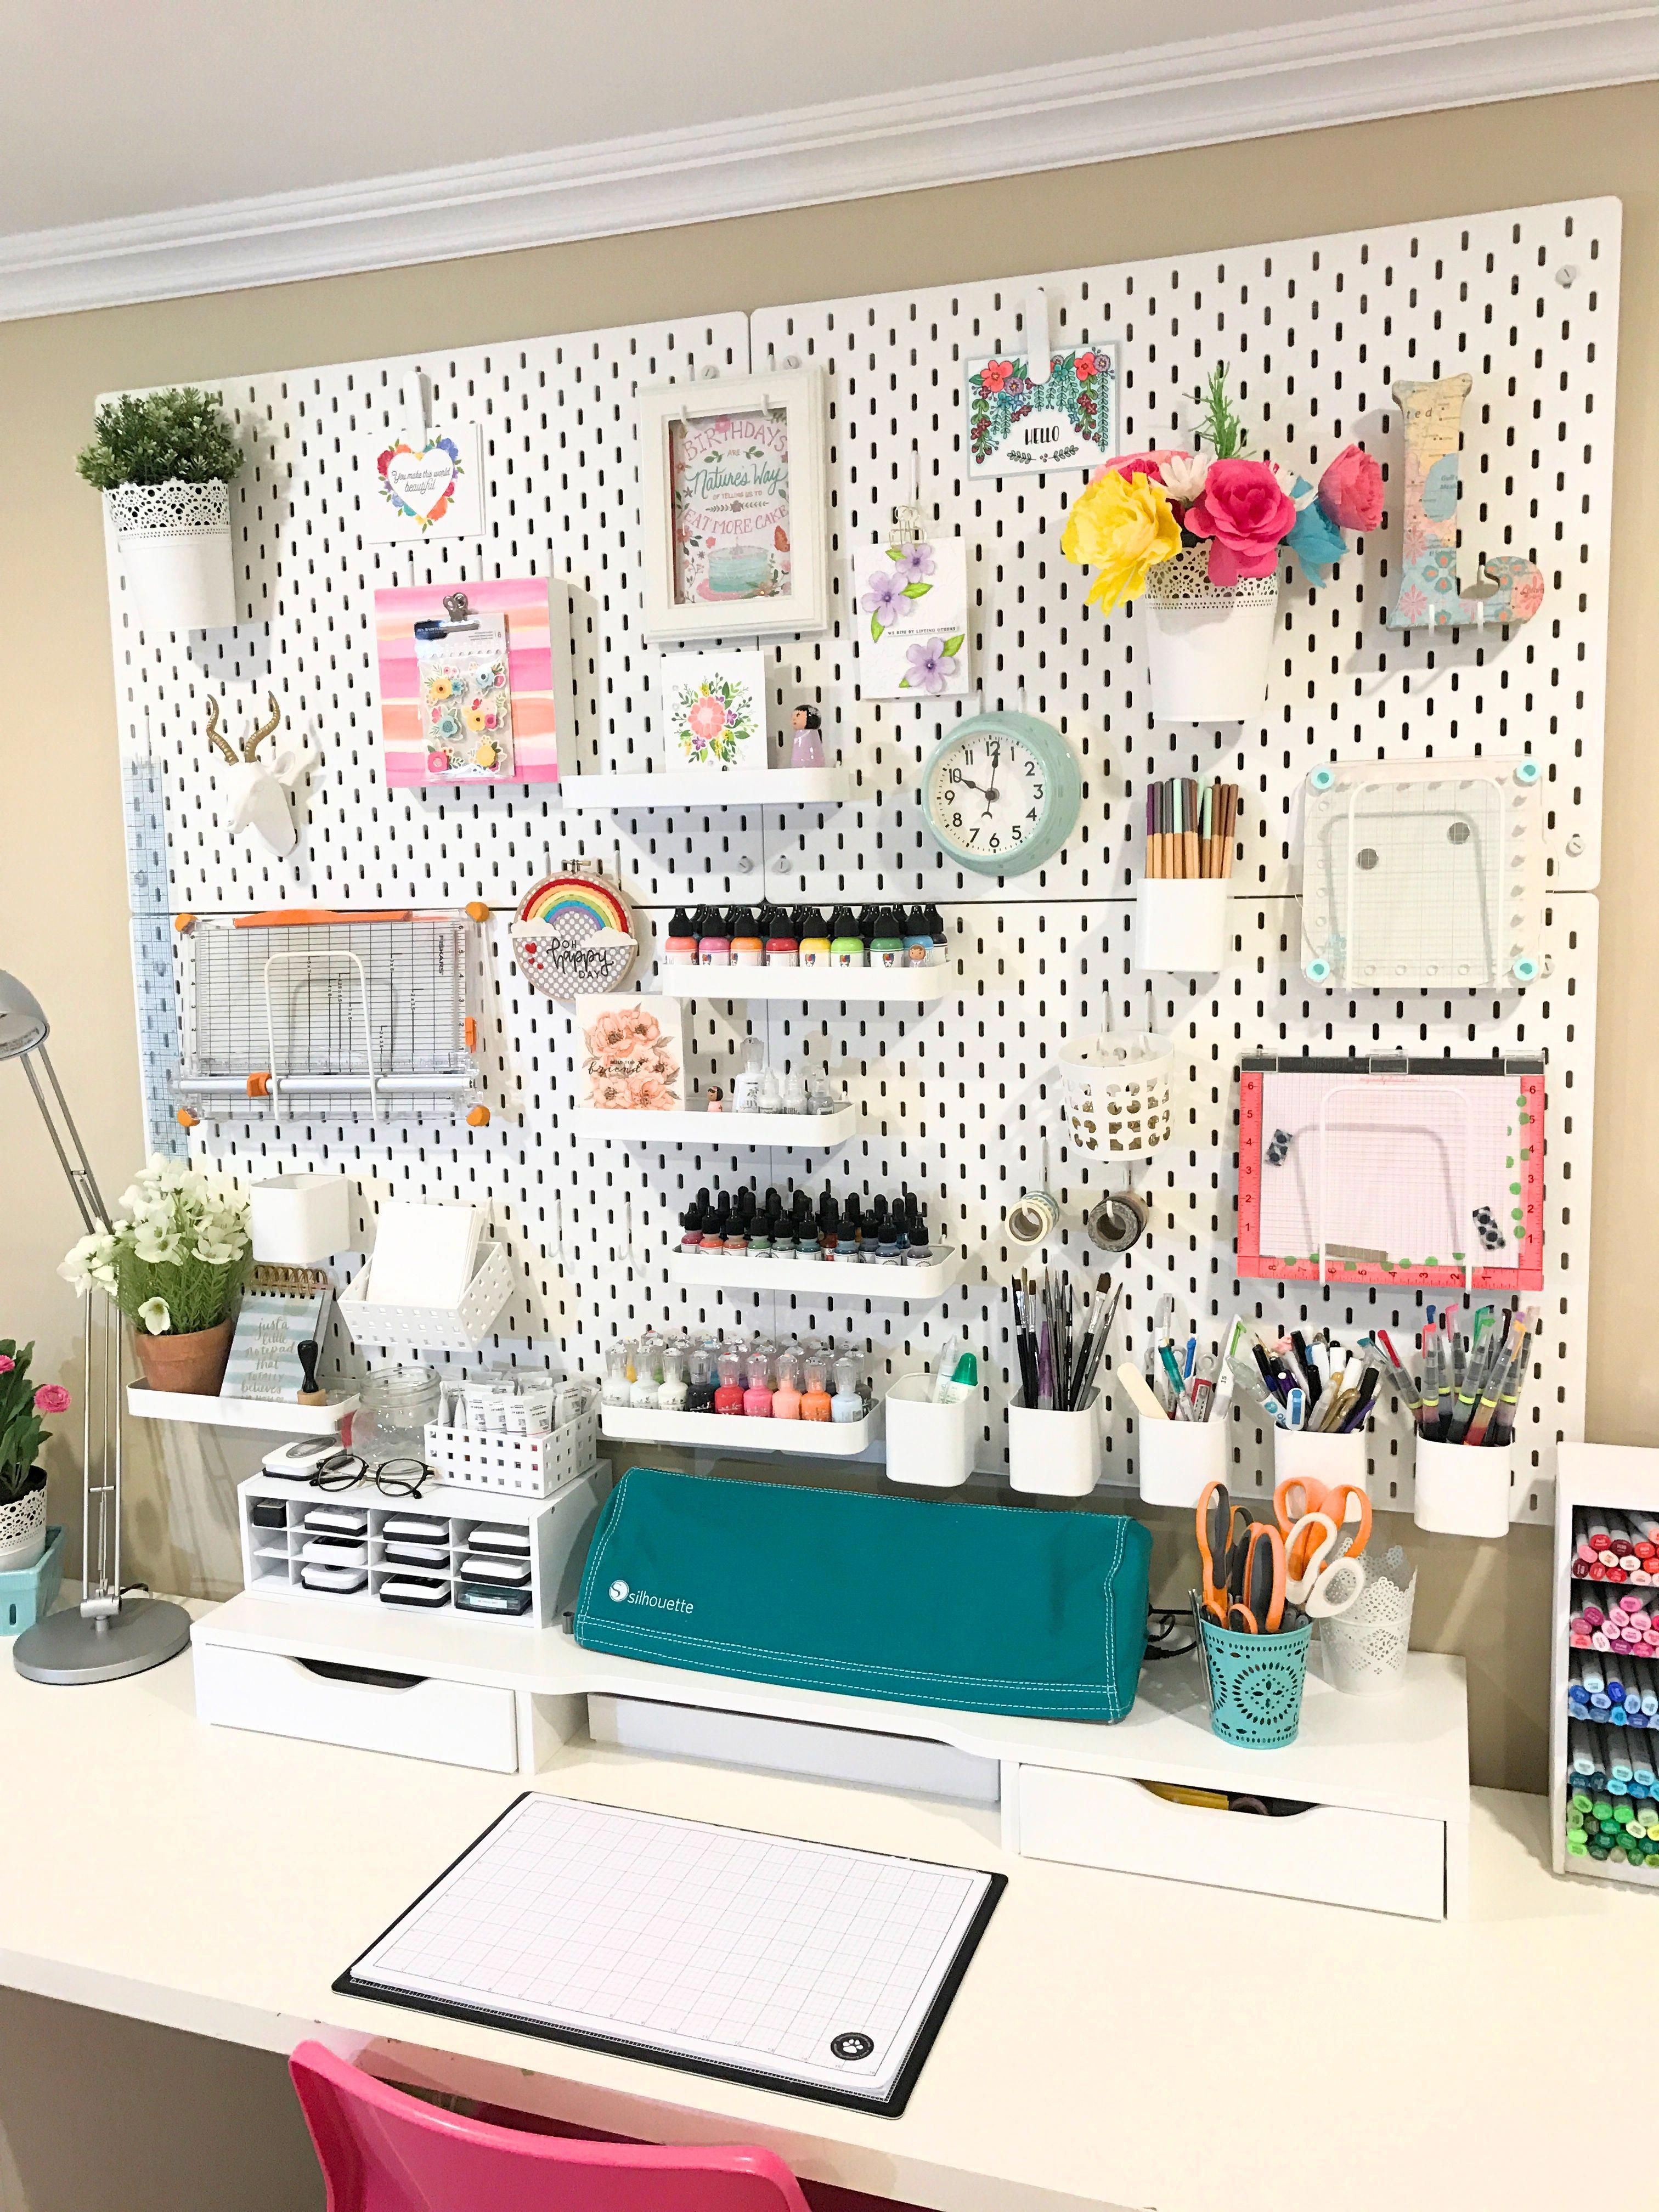 Ikea Skadis Pegboard Used For Craft Room Organization Makeover